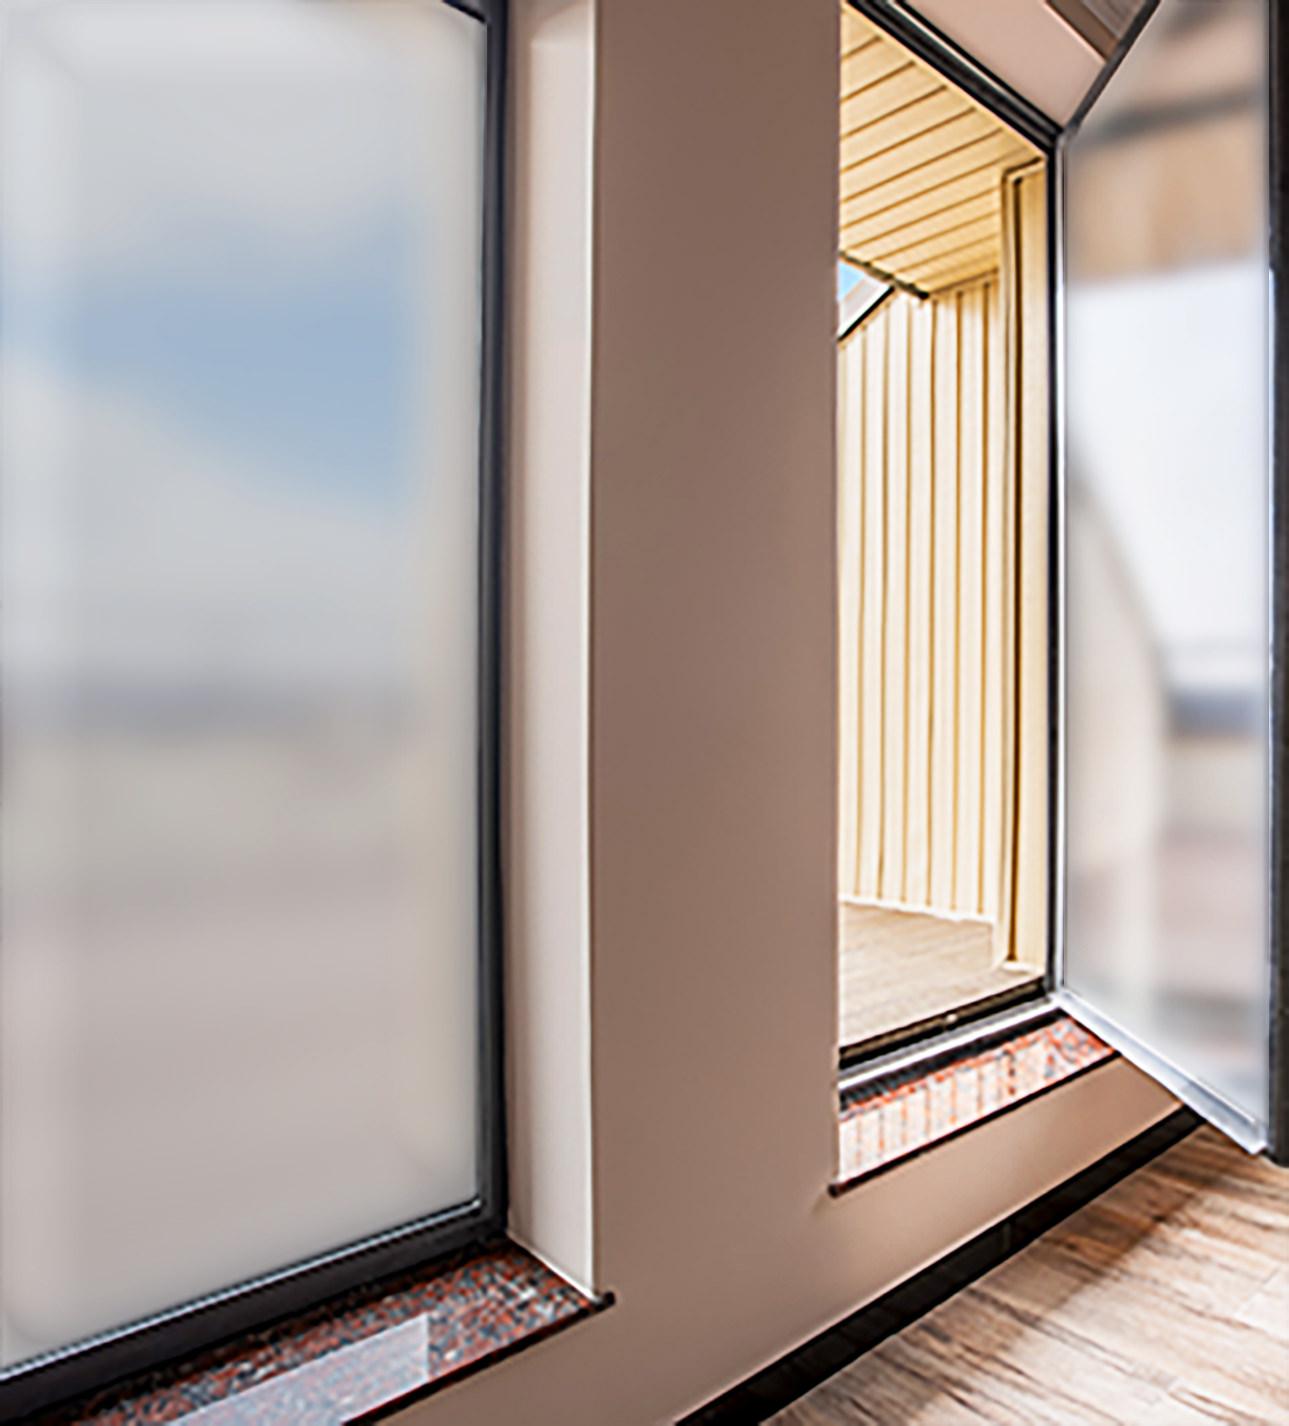 Full Size of Sichtschutzfolie Fenster Einseitig Durchsichtig Sonnenschutz Tag Und Nacht Abdichten Alarmanlagen Für Türen Weihnachtsbeleuchtung Erneuern Kbe Gebrauchte Fenster Sichtschutzfolie Fenster Einseitig Durchsichtig